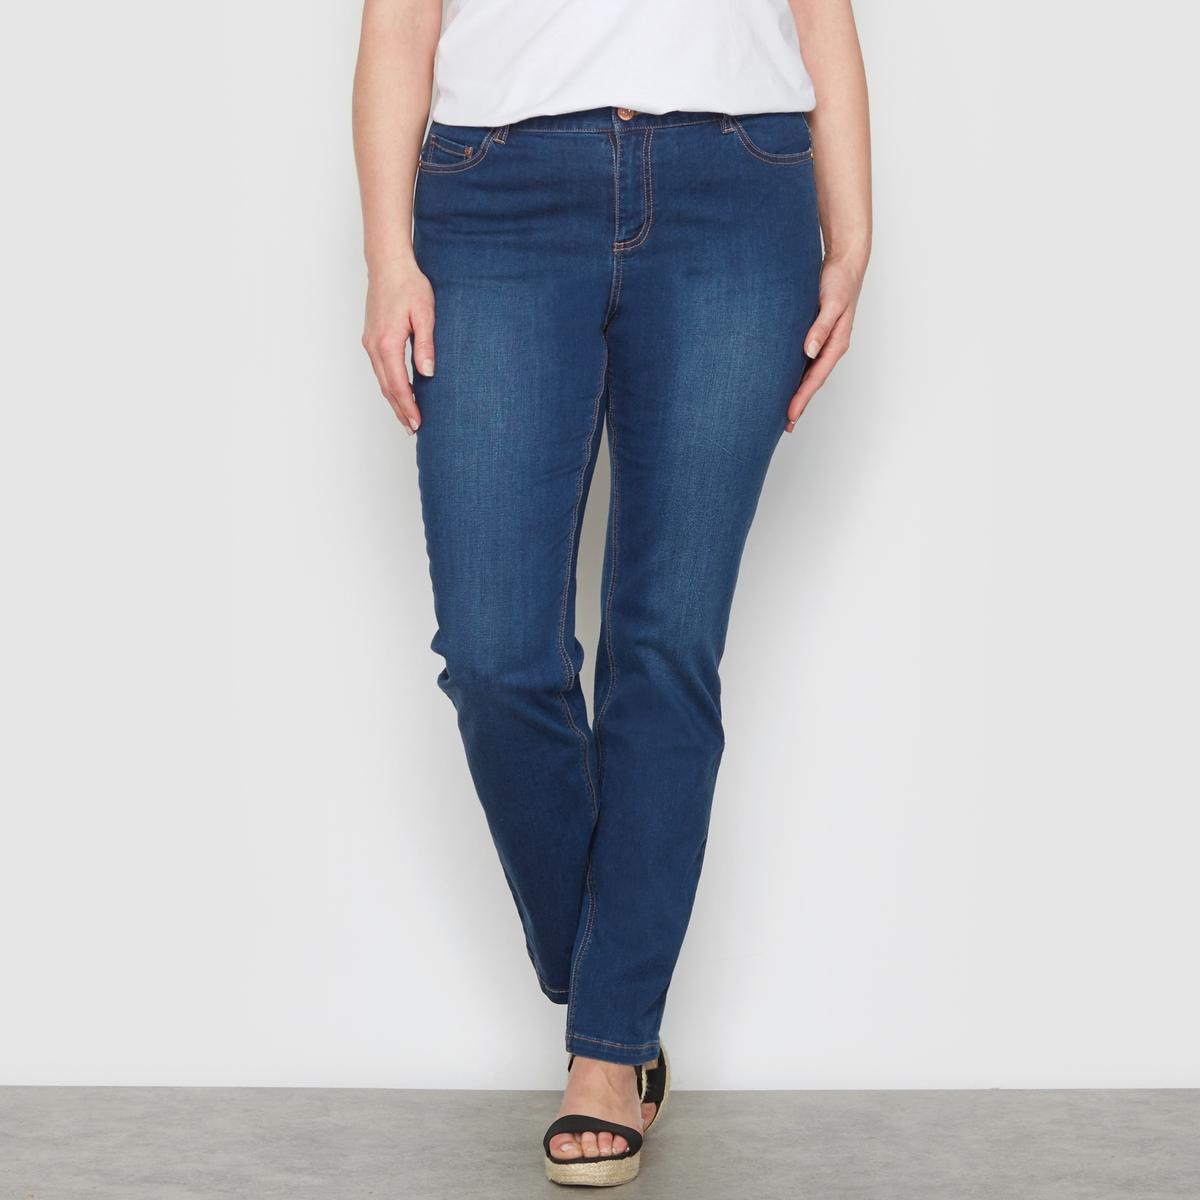 Джинсы прямые стандартного покроя levi's® прямые голубые джинсы 501® taper